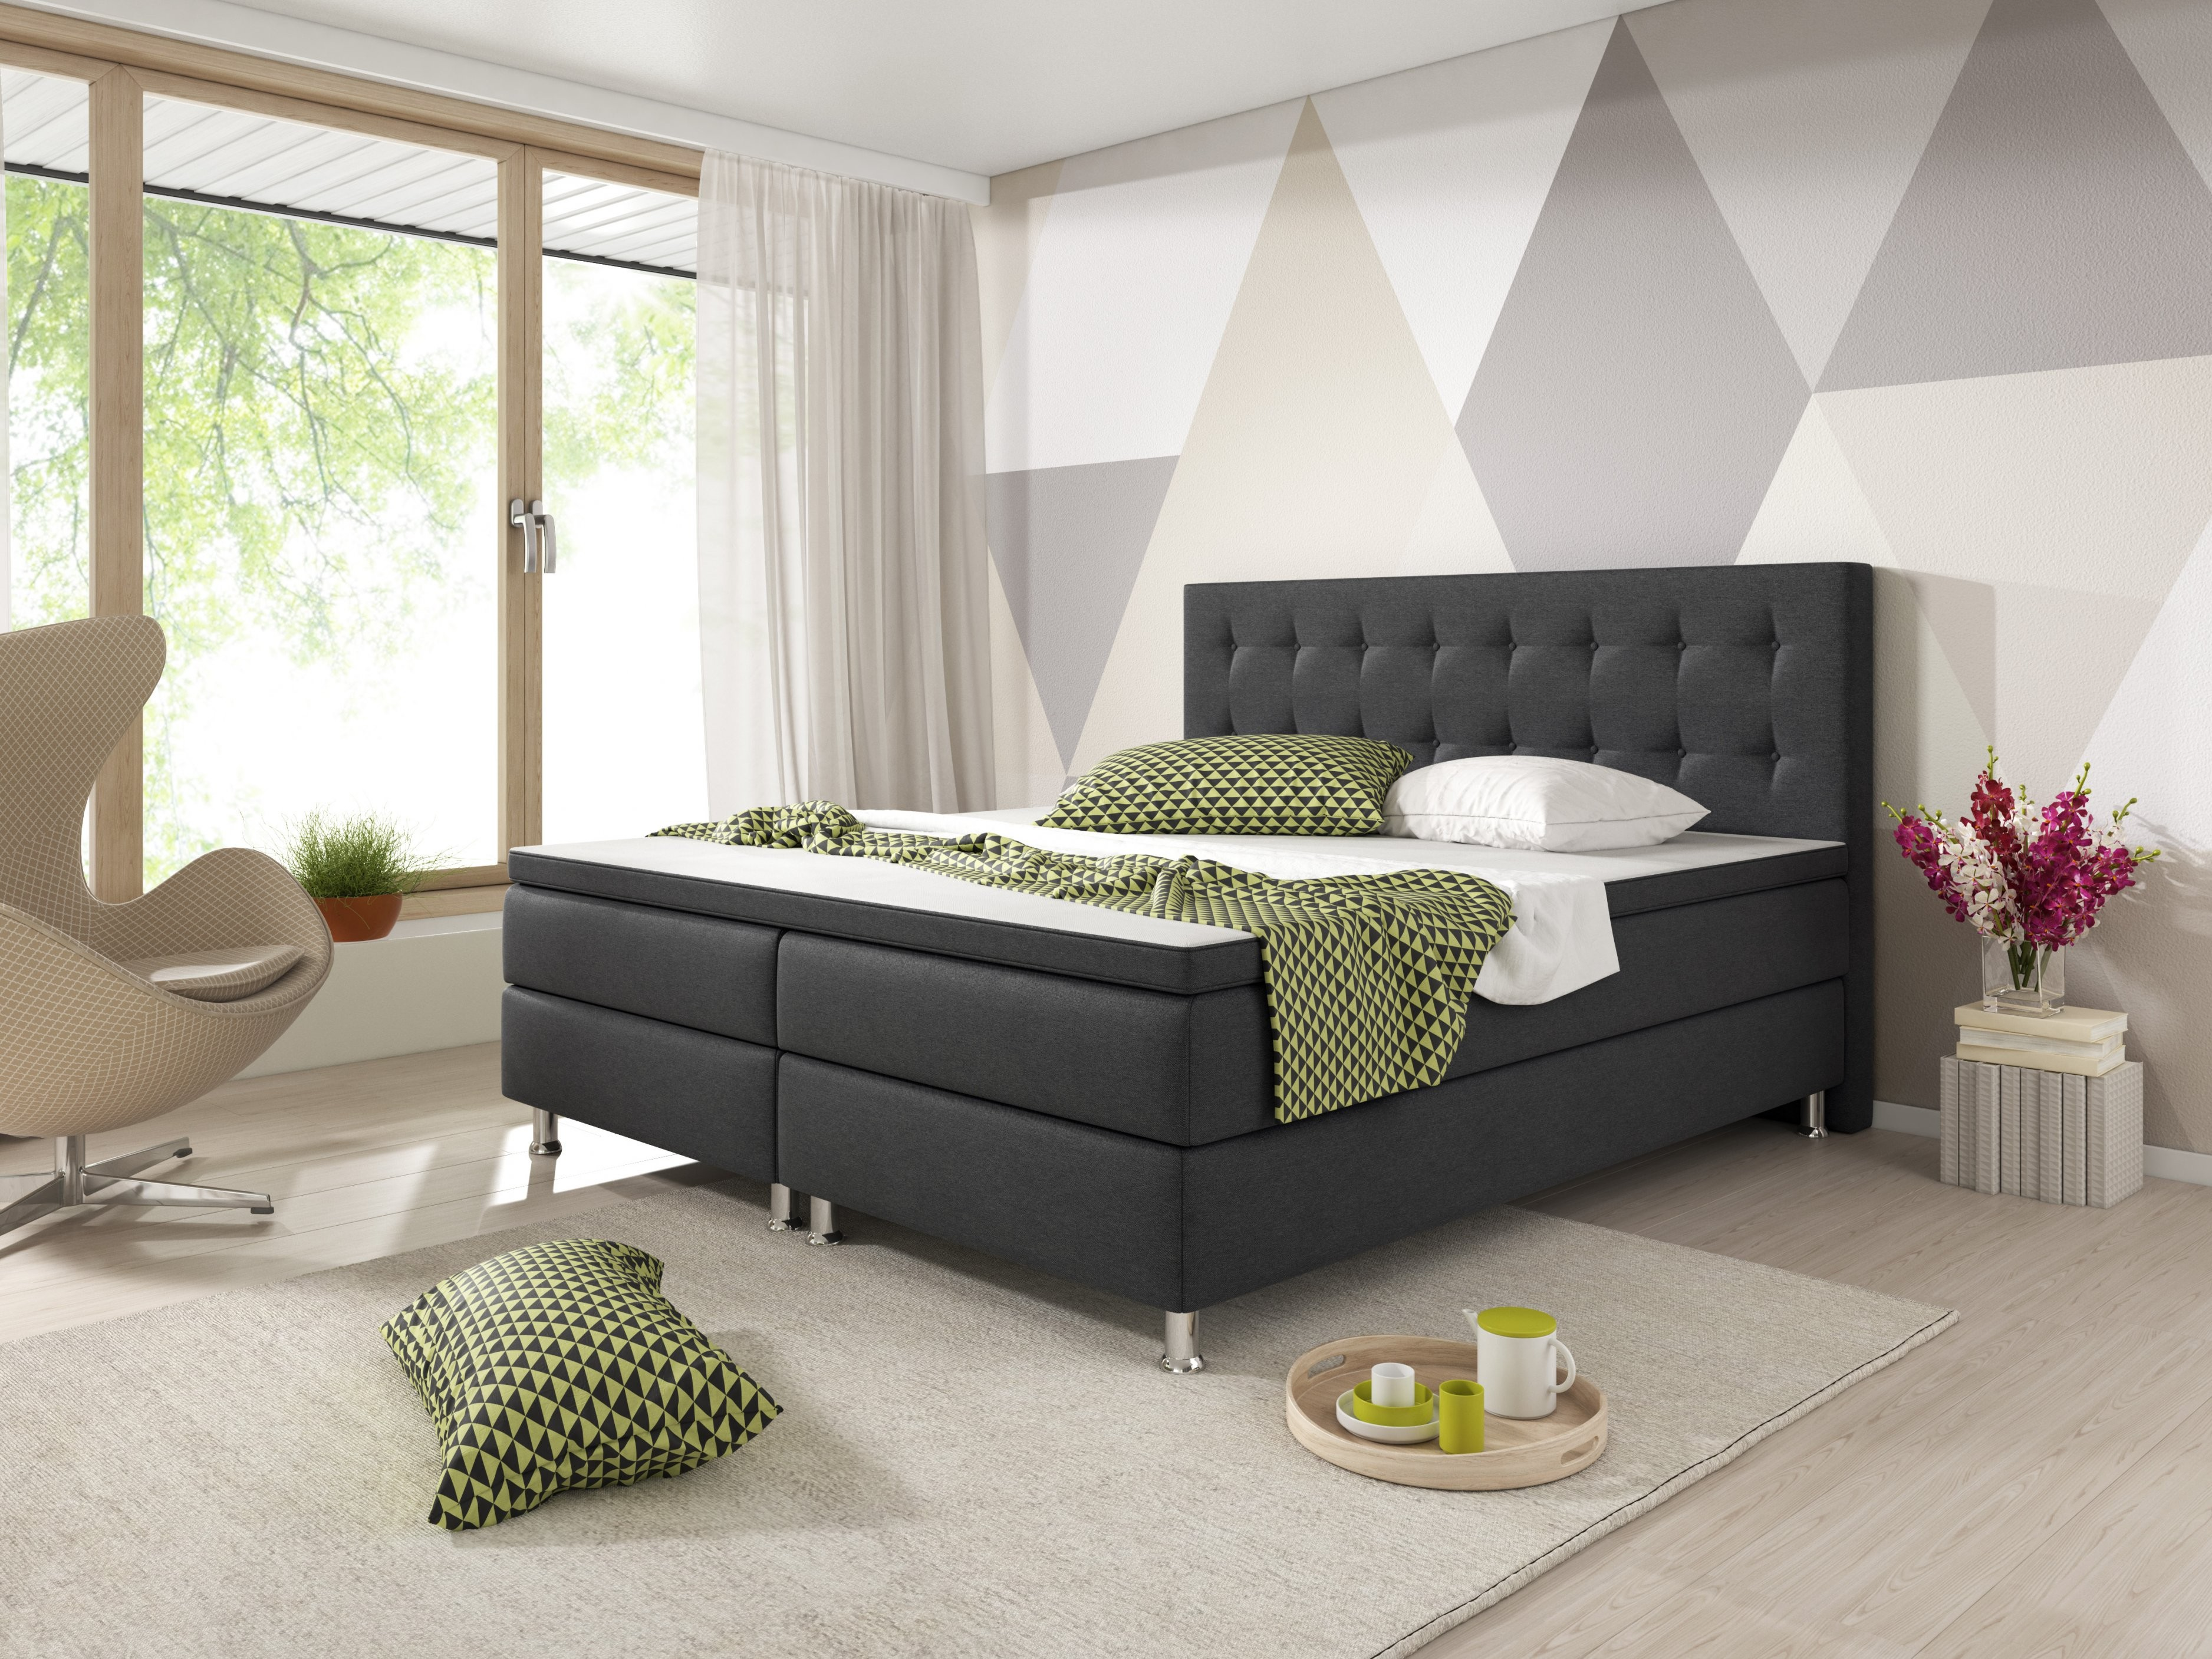 polsterbetten g nstig online kaufen real von g nstige betten 180x200 photo haus bauen. Black Bedroom Furniture Sets. Home Design Ideas